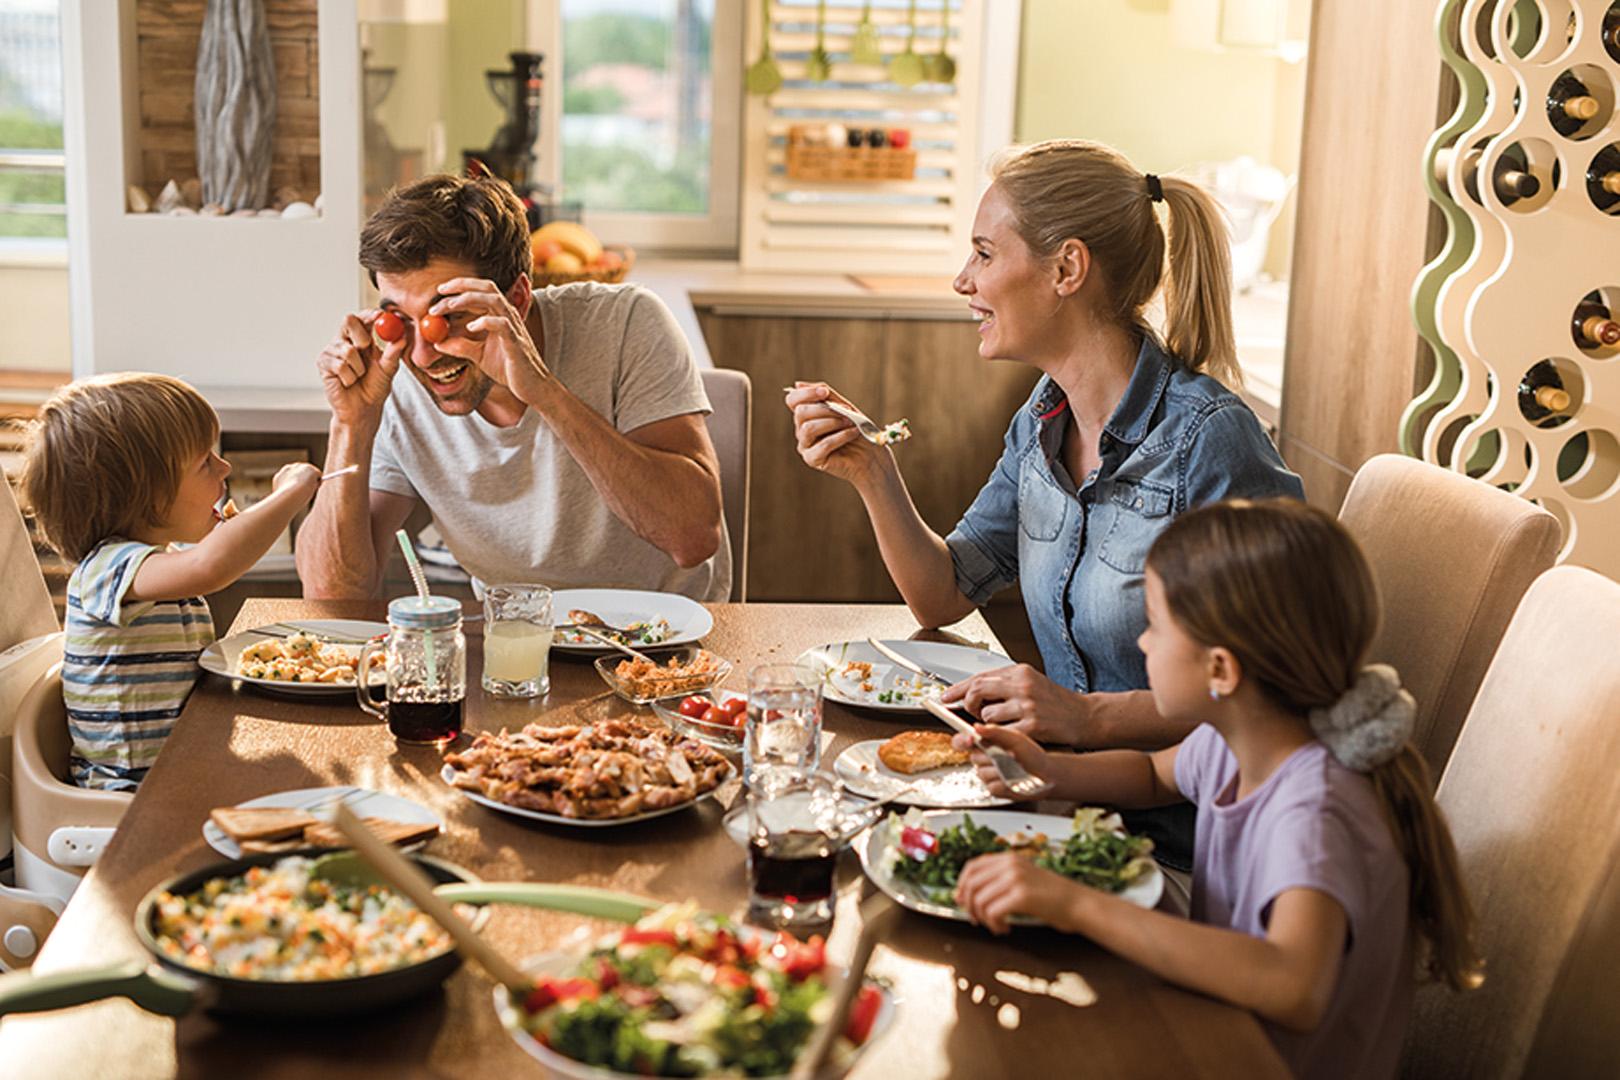 التفاعل بازدواجية في المنزل والعمل